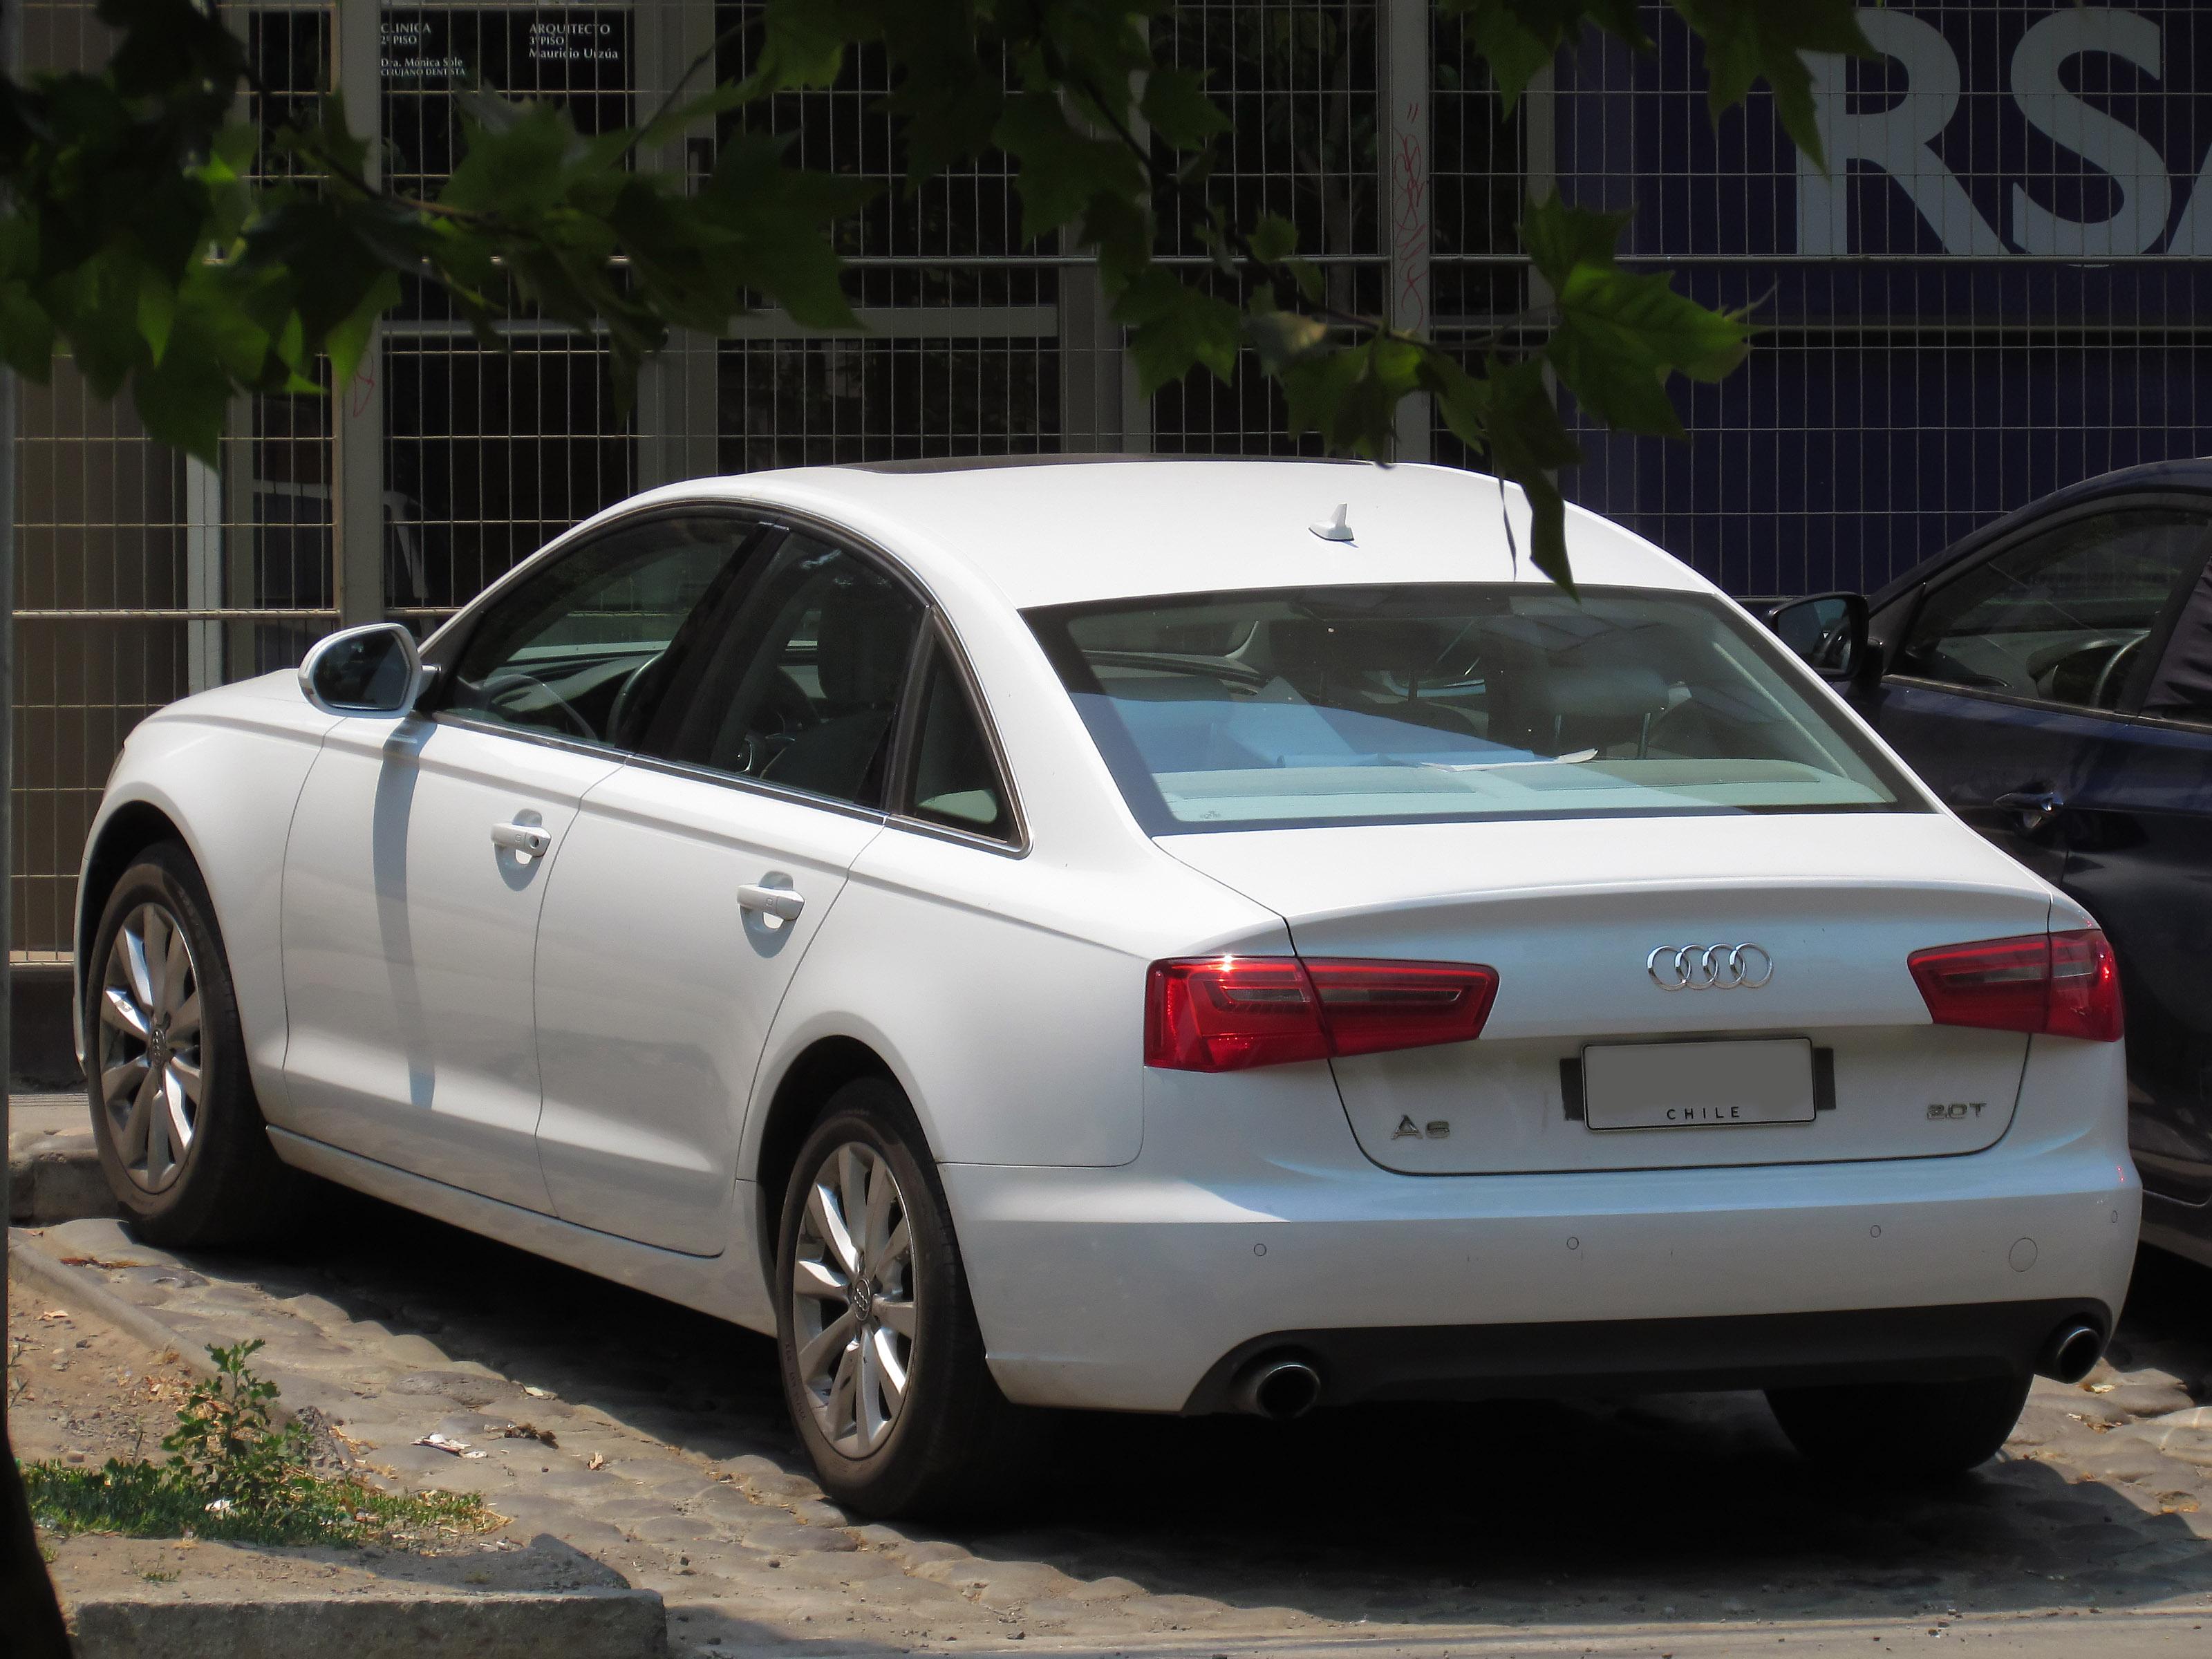 Kekurangan Audi A6 2.0 Spesifikasi